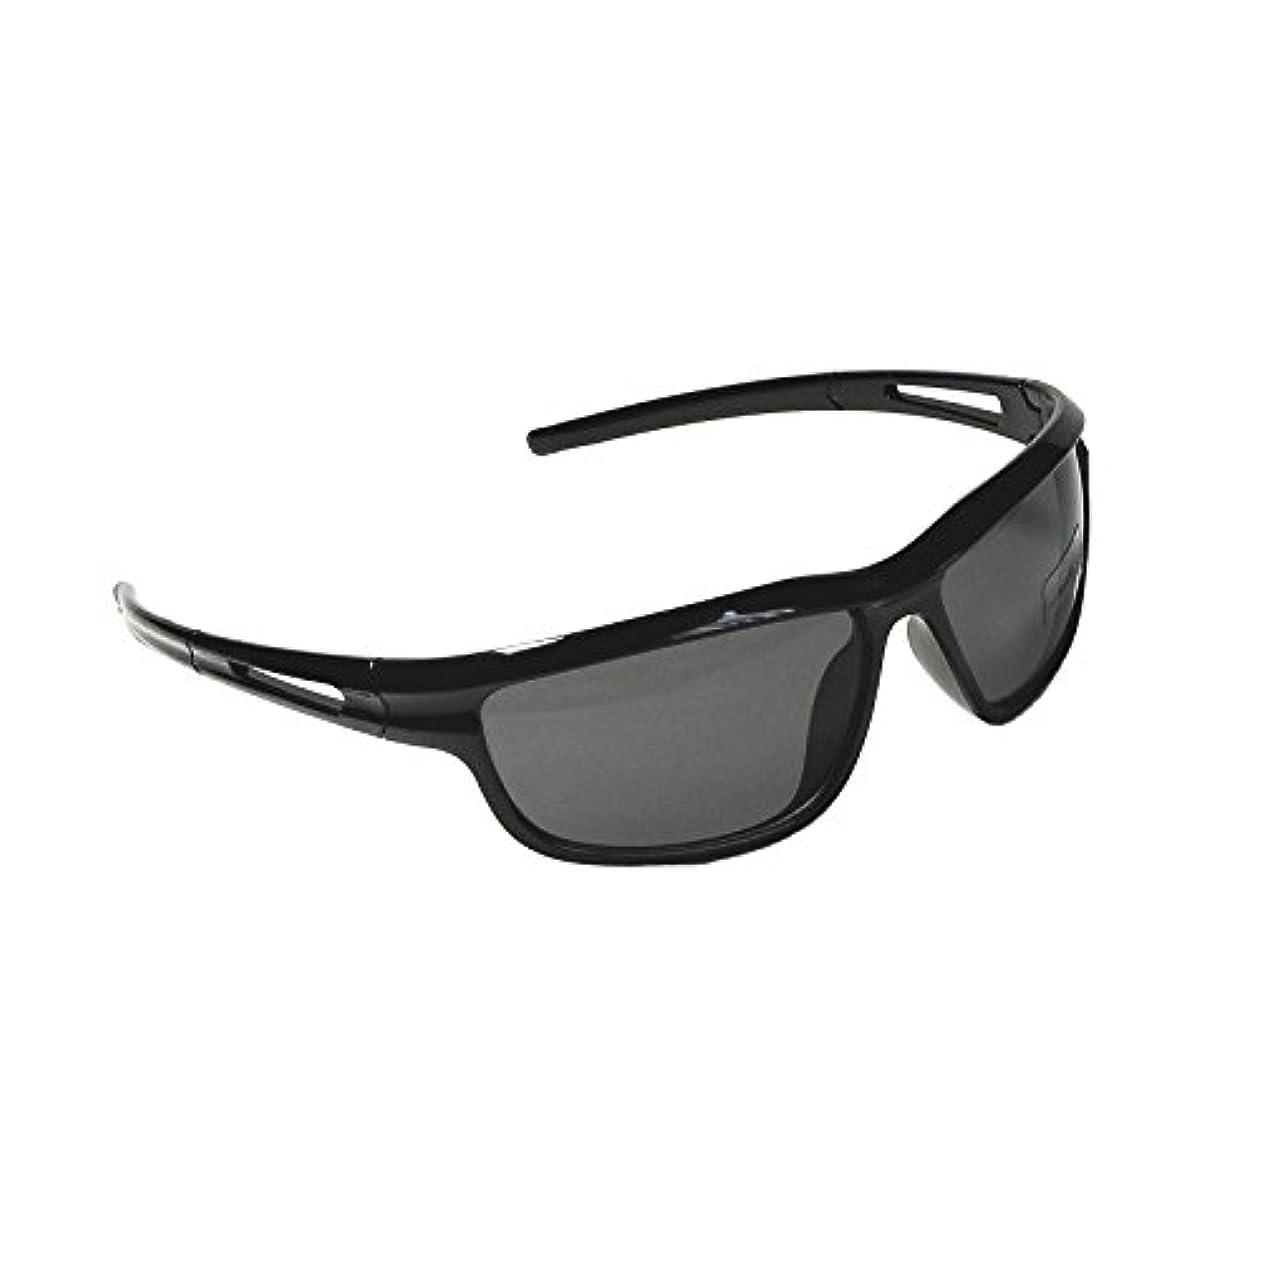 聖人ジョージハンブリー臨検Outdoor Goods Online スポーツサングラス メンズ レディース スポーツ サングラス UV400 紫外線カット 超軽量 釣り 野球 ランニング ゴルフ ドライブ 運転 運転用 自転車 テニス スキー